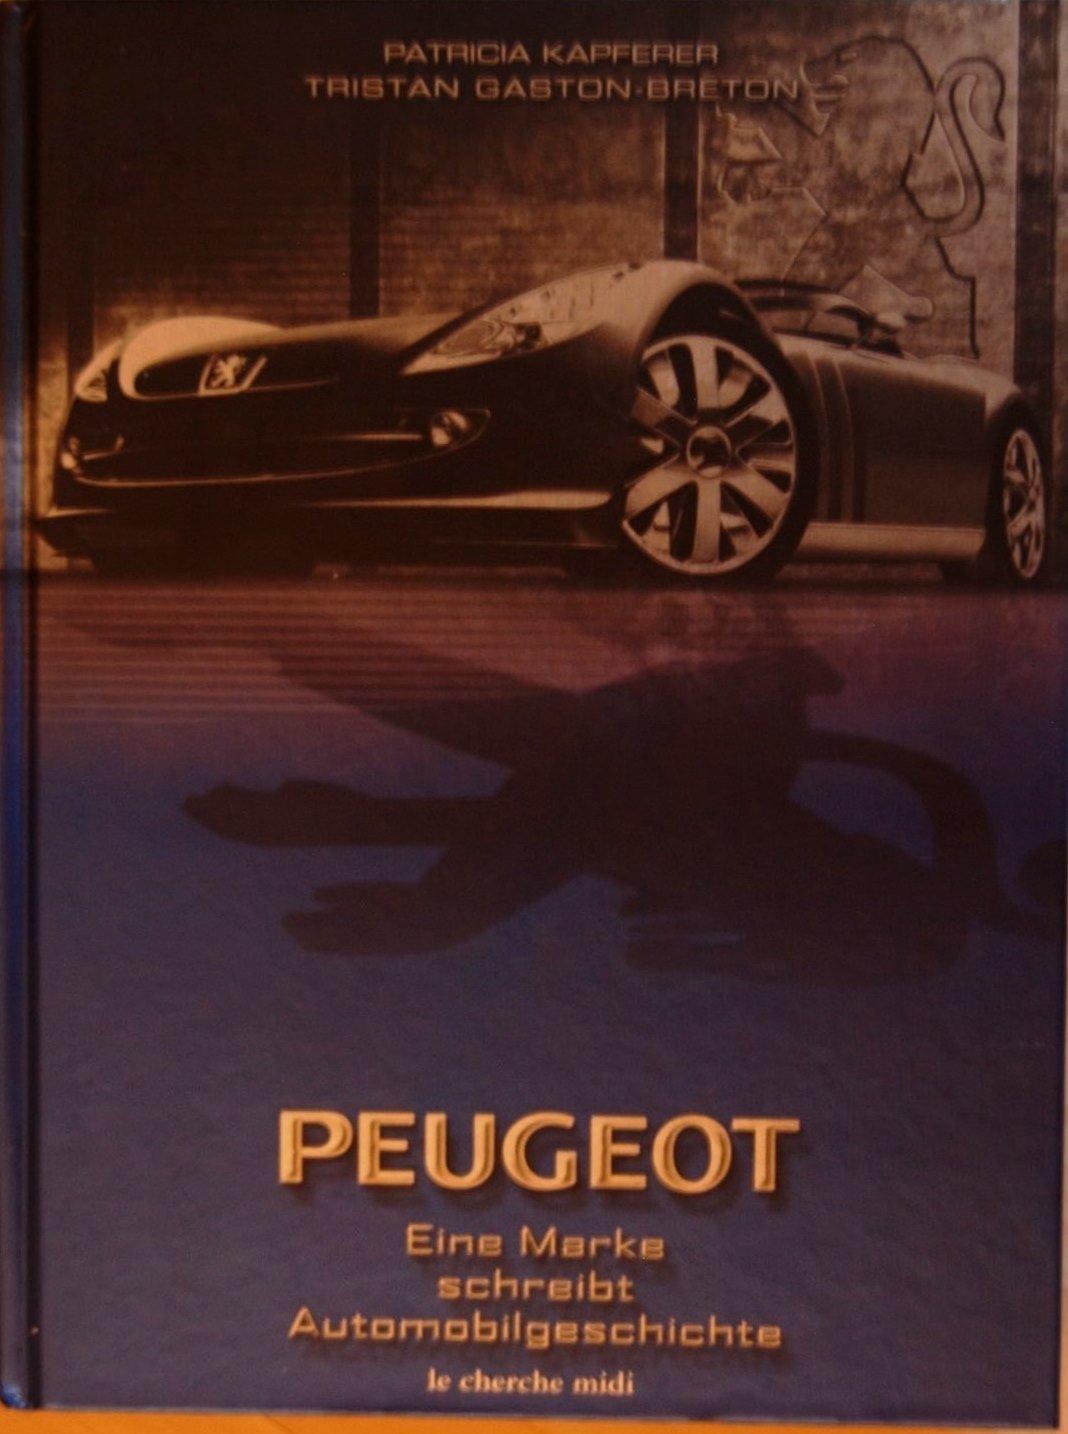 Peugeot Eine Marke schreibt Automobilgeschichte